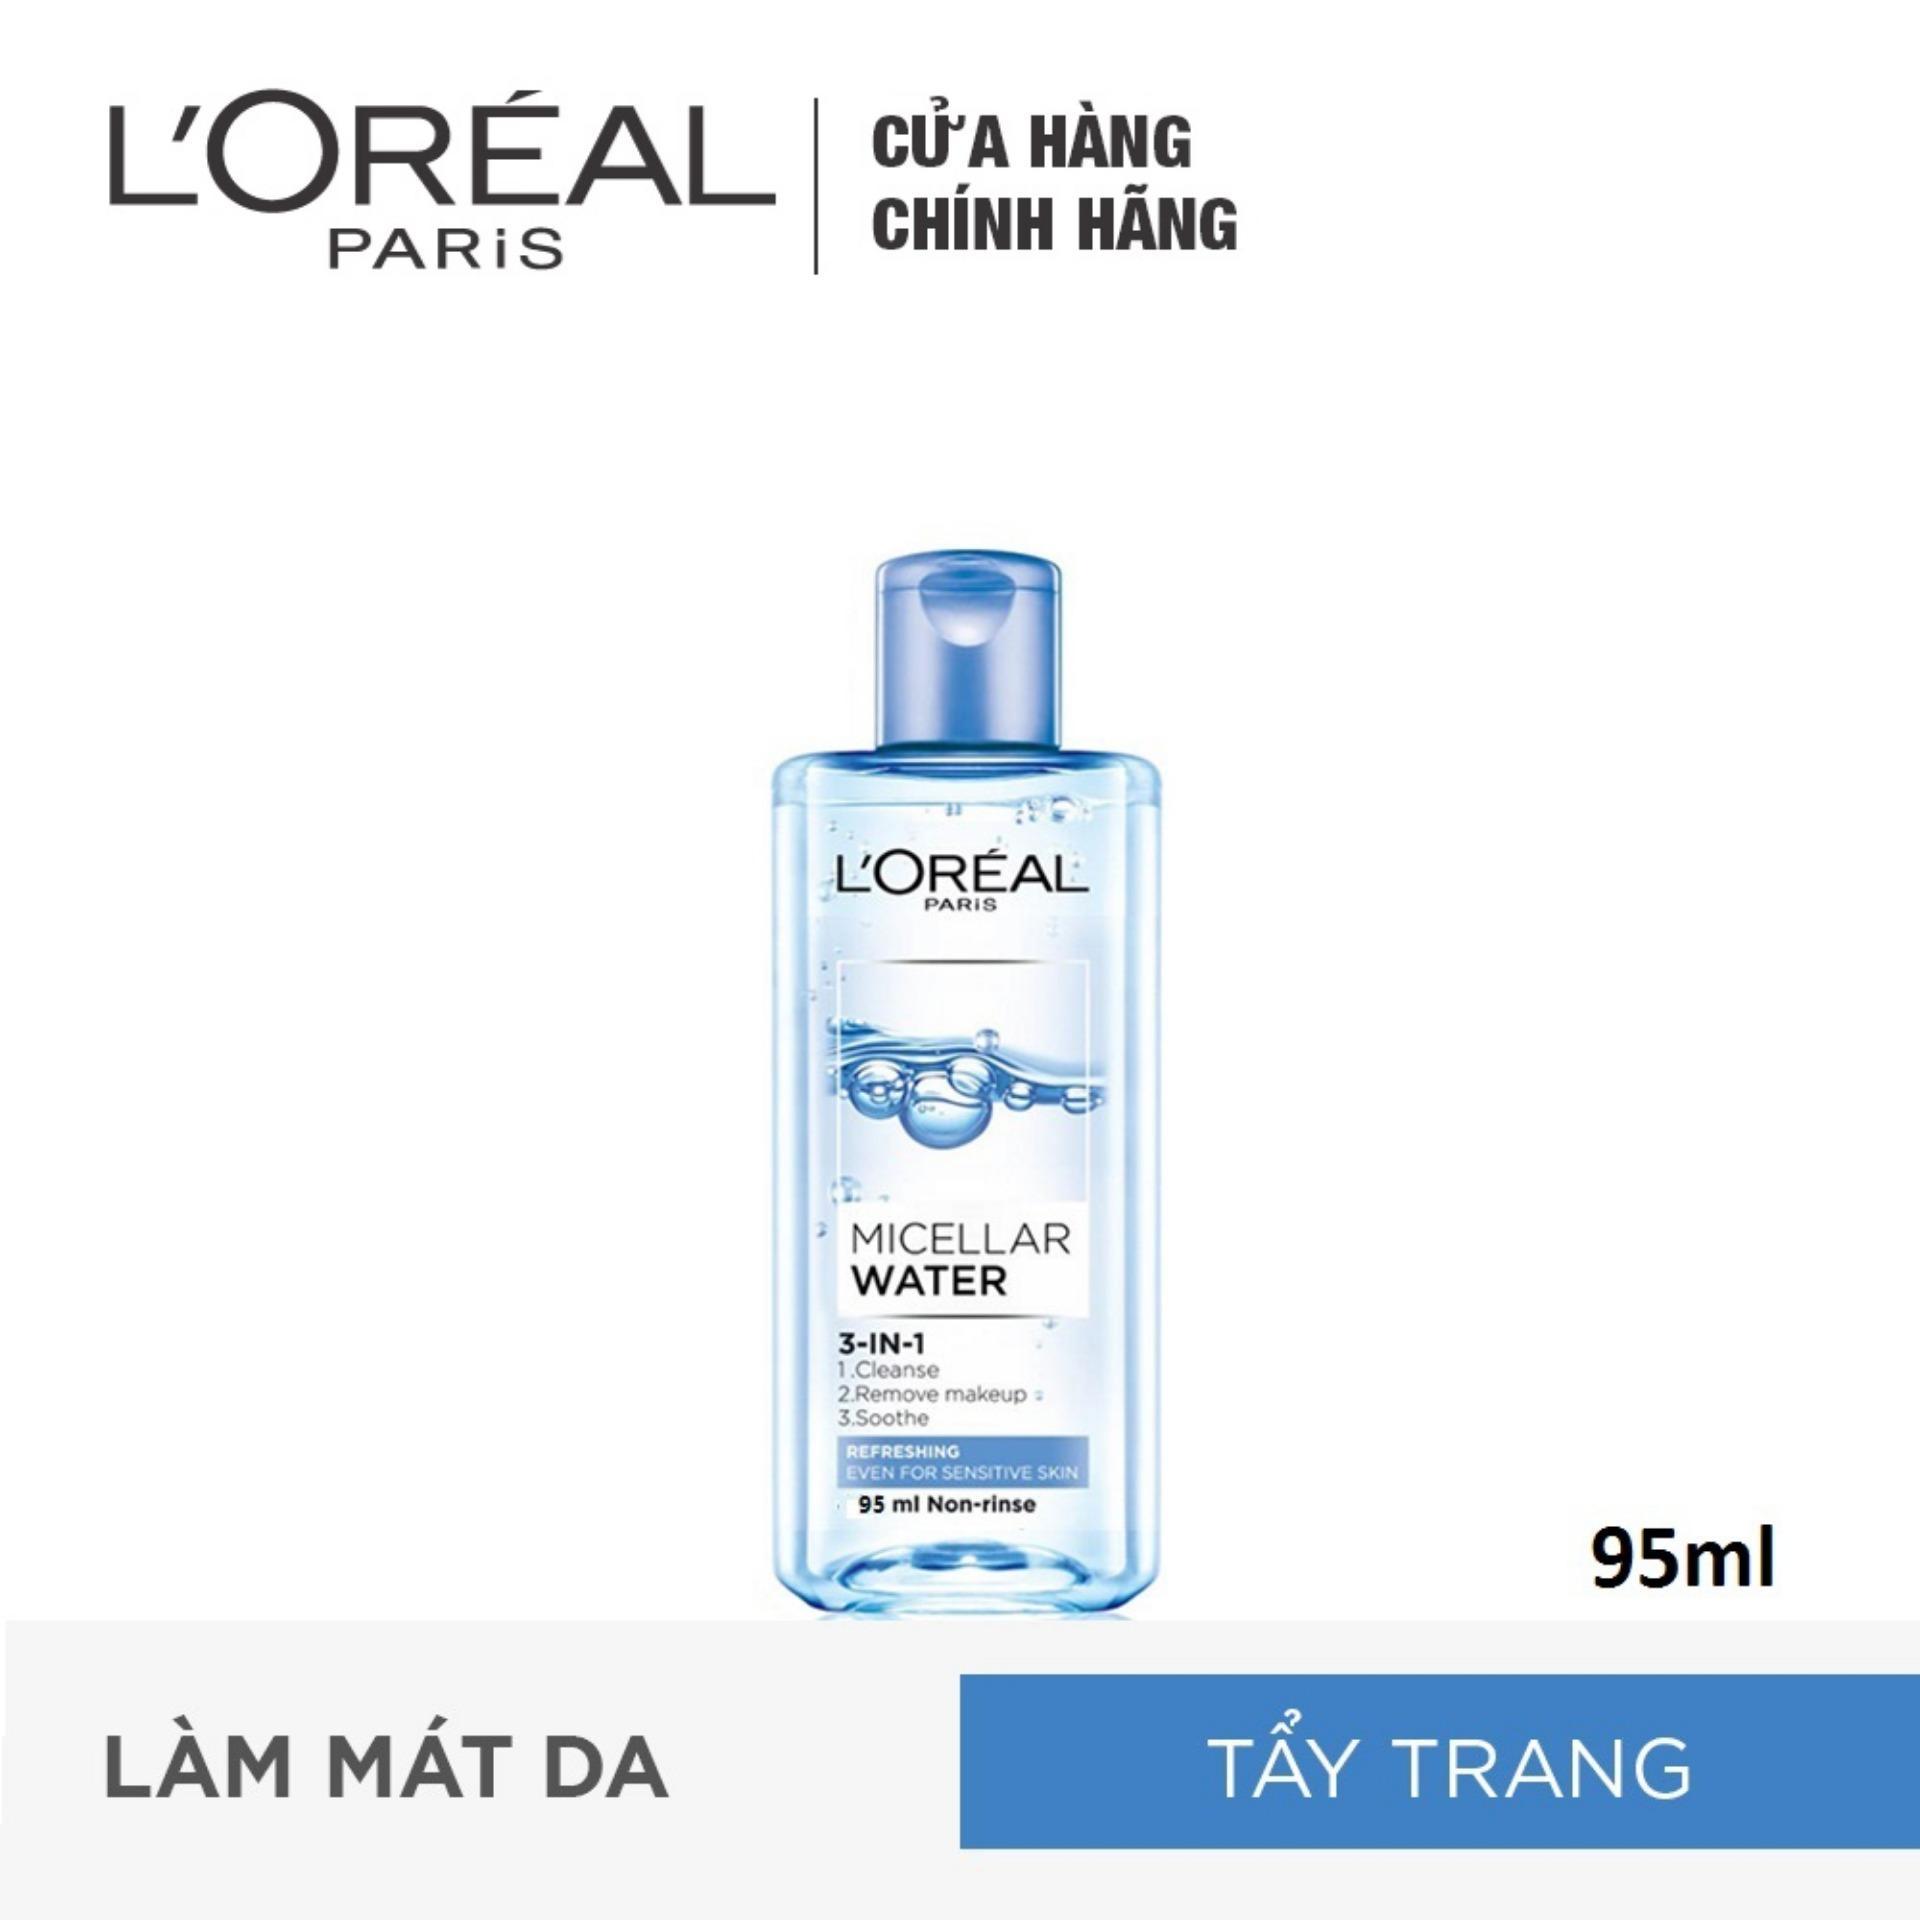 Nước tẩy trang cho da nhạy cảm L'Oreal Micellar Water 95ml